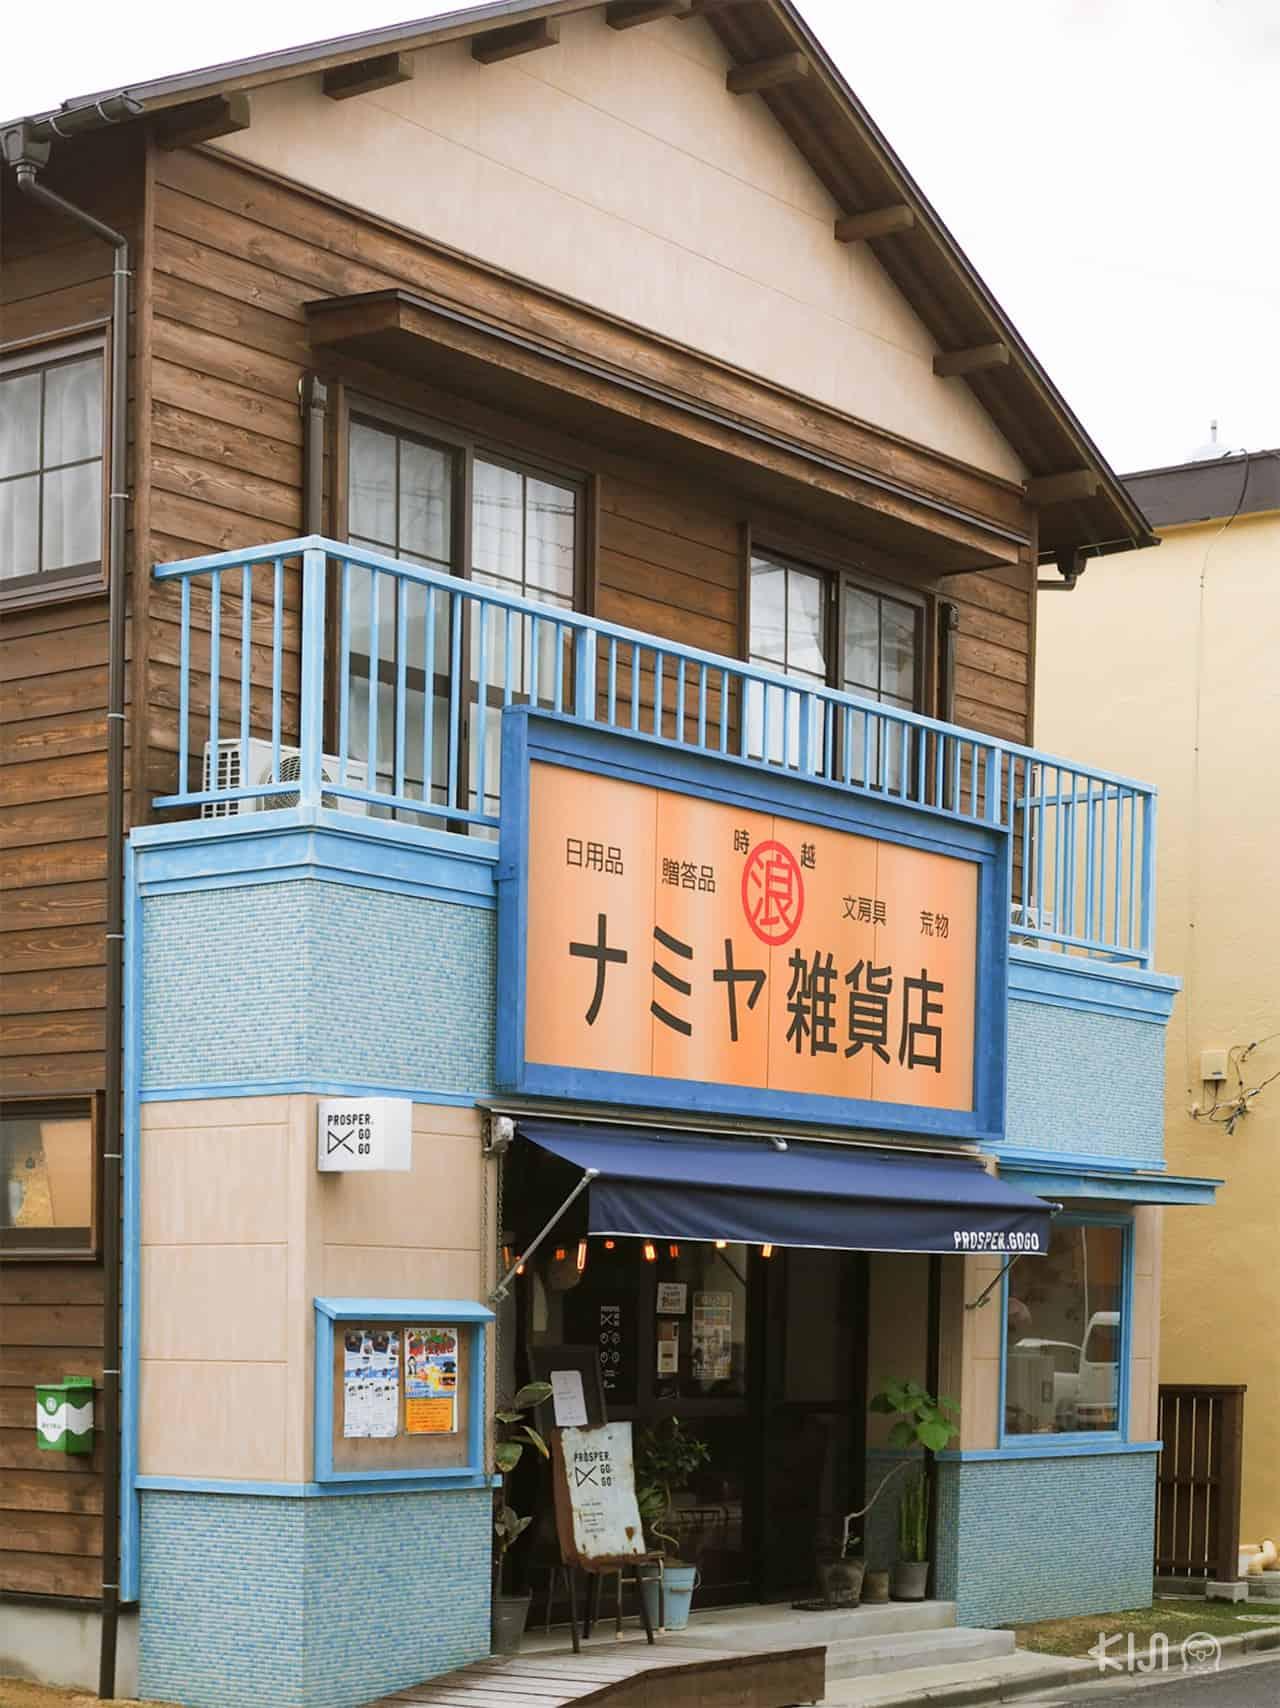 """บ้านที่จำลองหน้าร้านจากเรื่อง """"ปาฎิหารย์ร้านชำของคุณนามิยะ"""" เมืองบุงโกะทาคาดะ (Bungotakada)"""